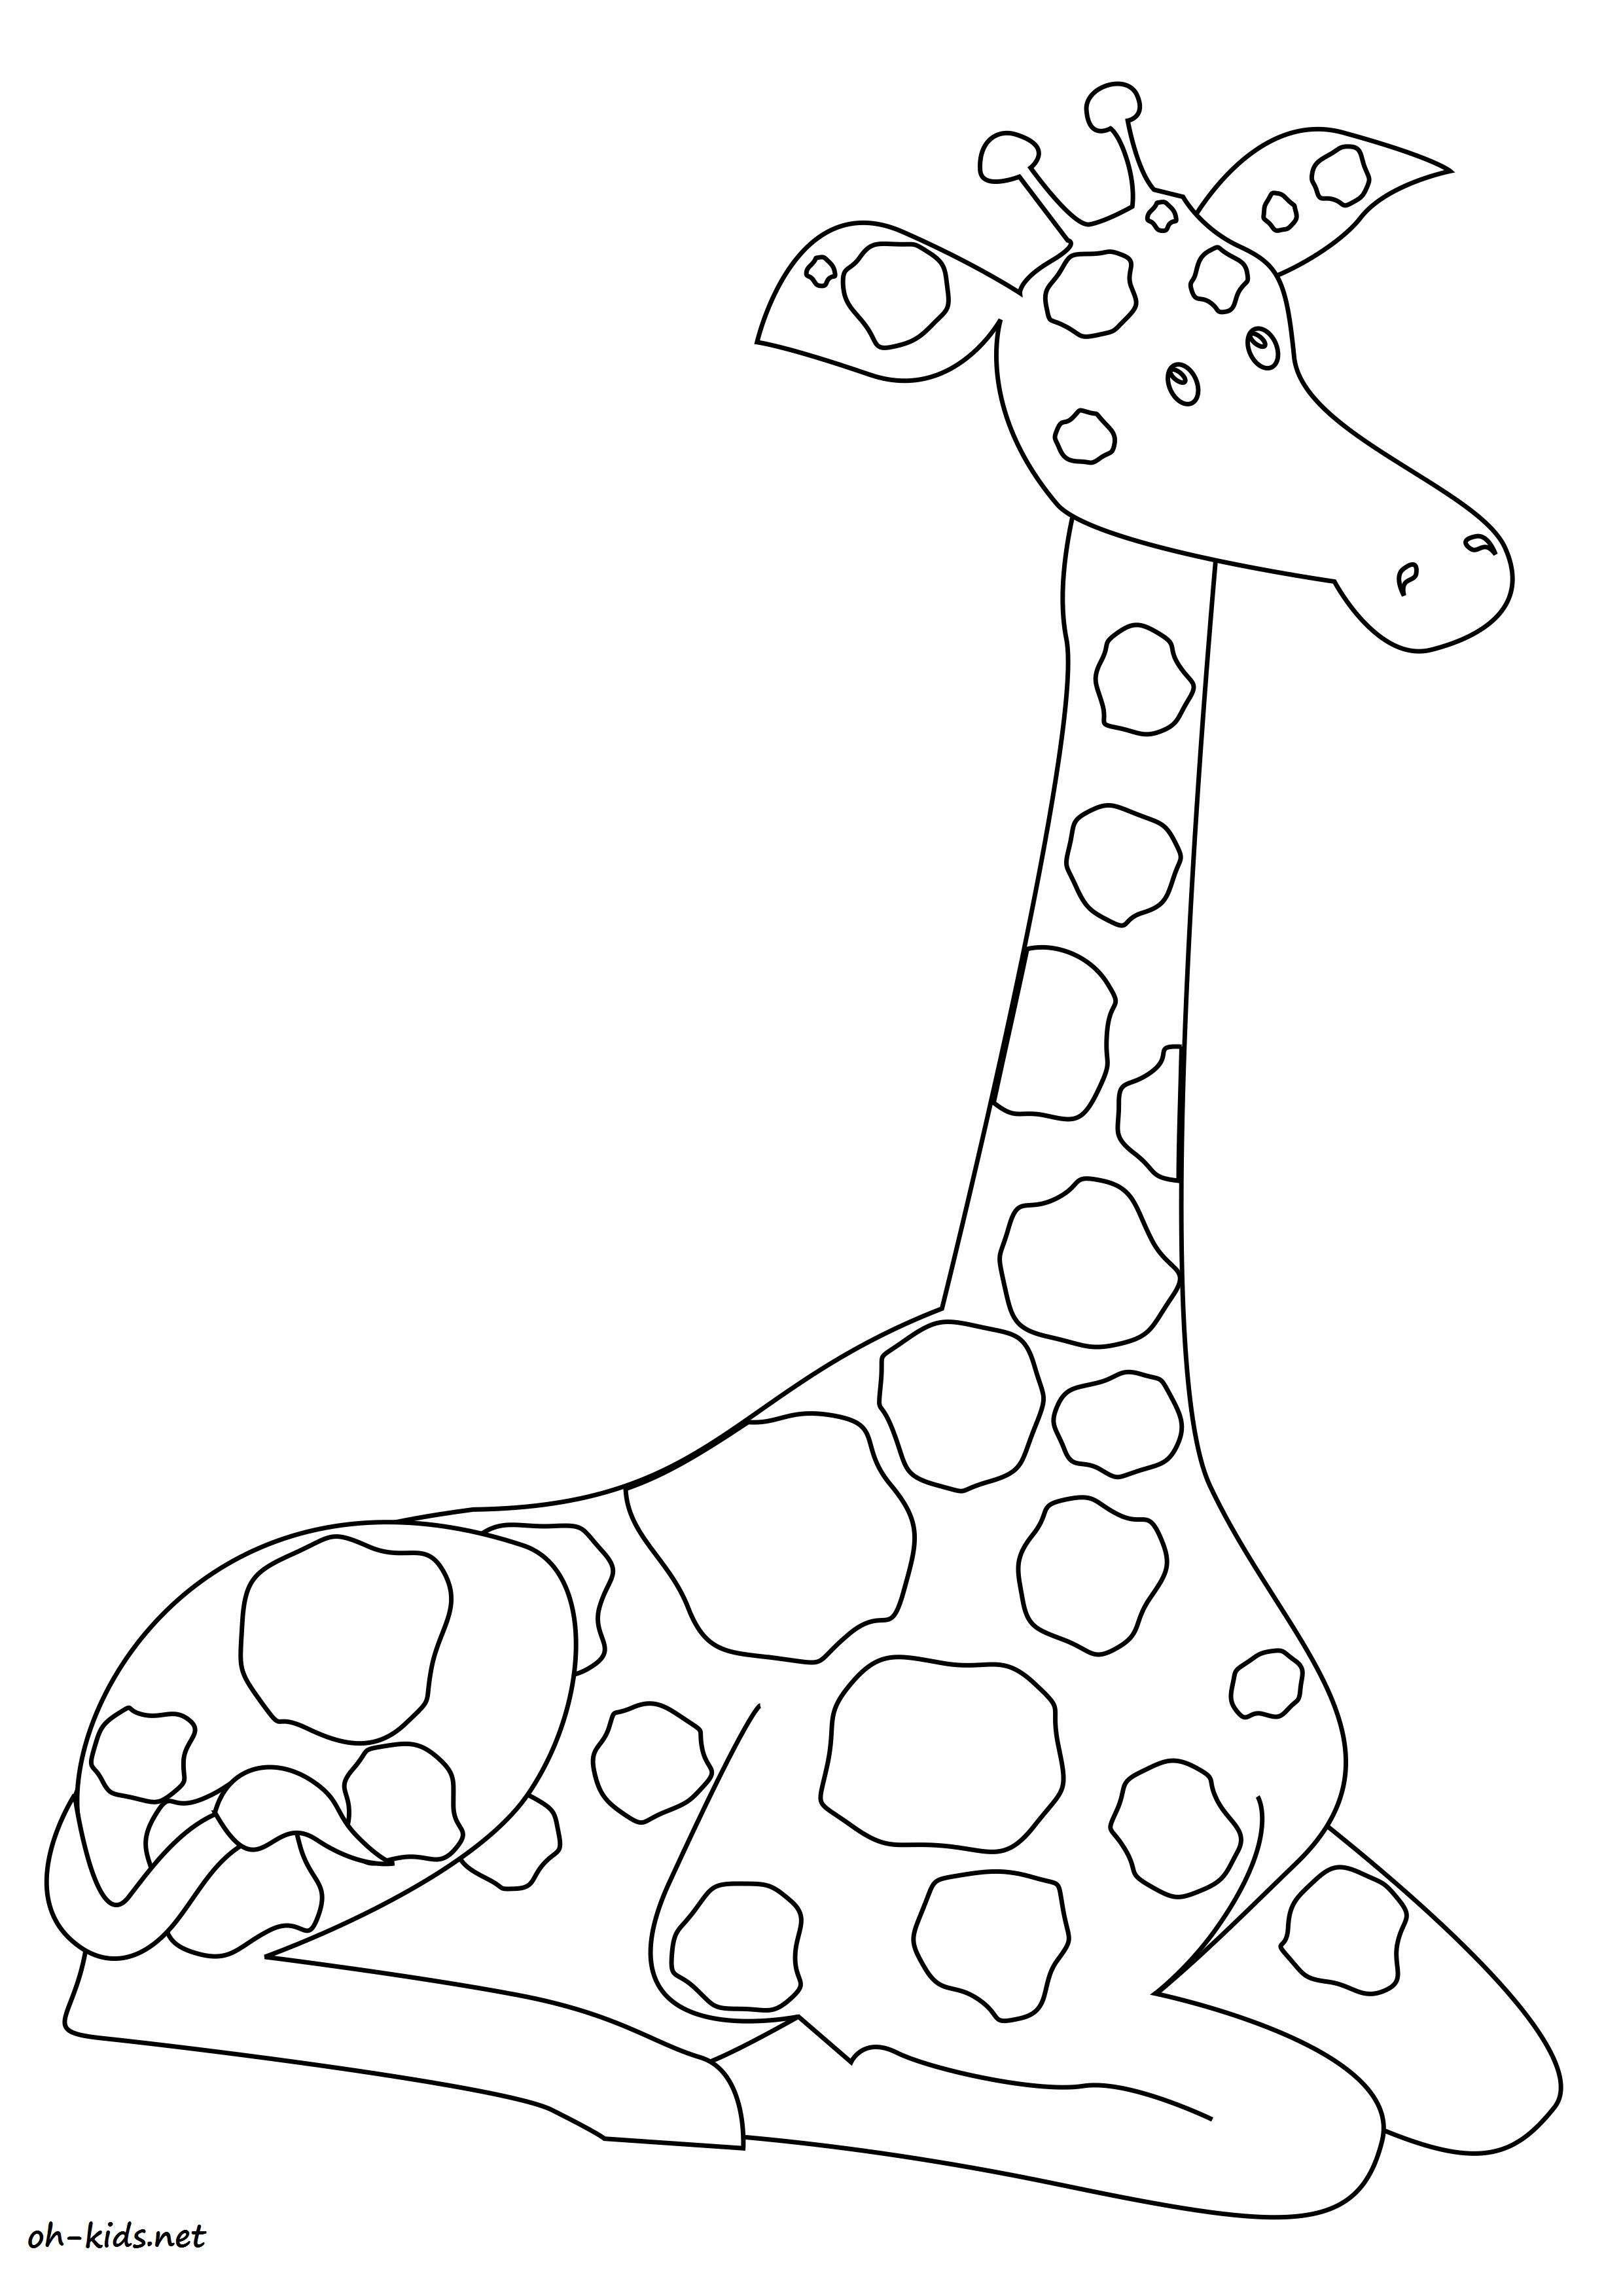 dessin de girafe  colorier et imprimer Dessin 1585